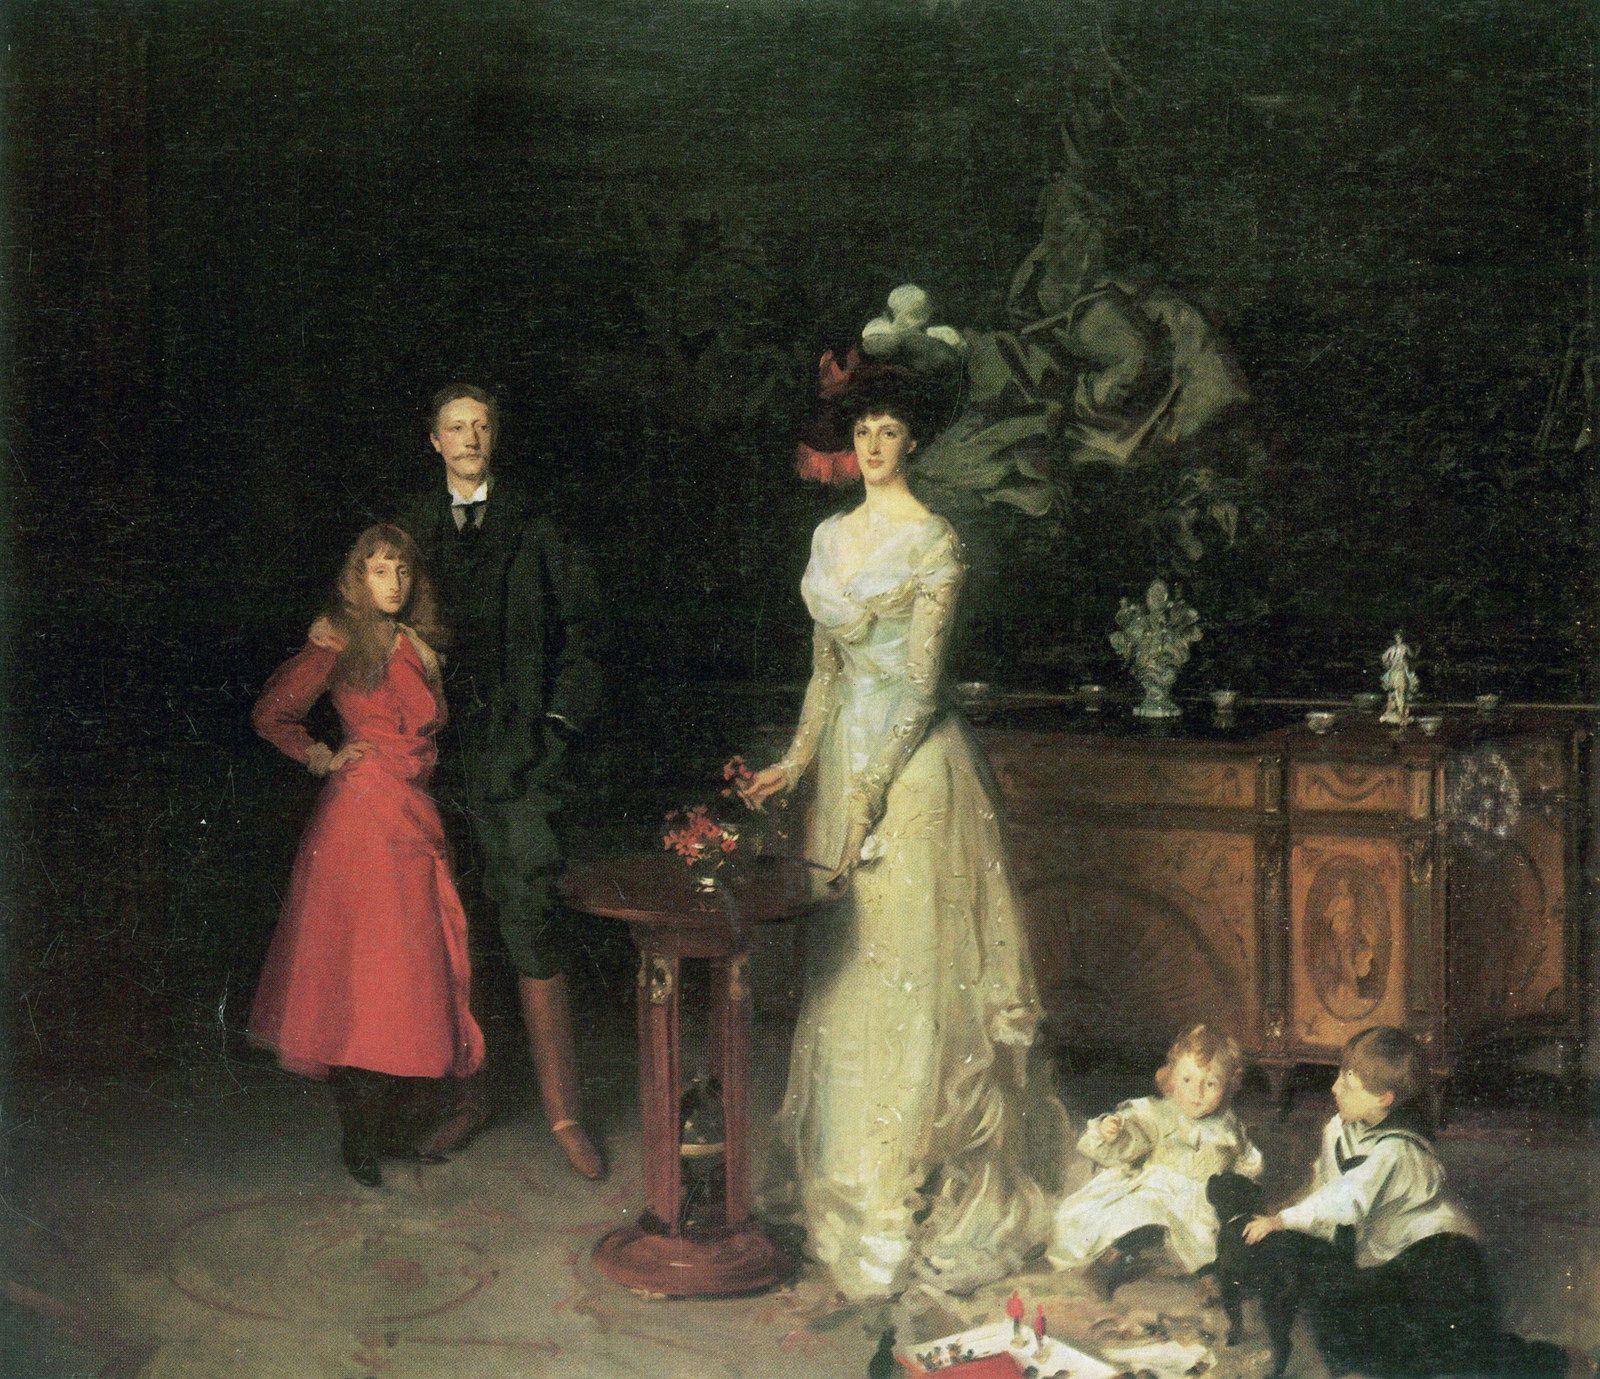 Familie Sitwell. John Singer Sargent